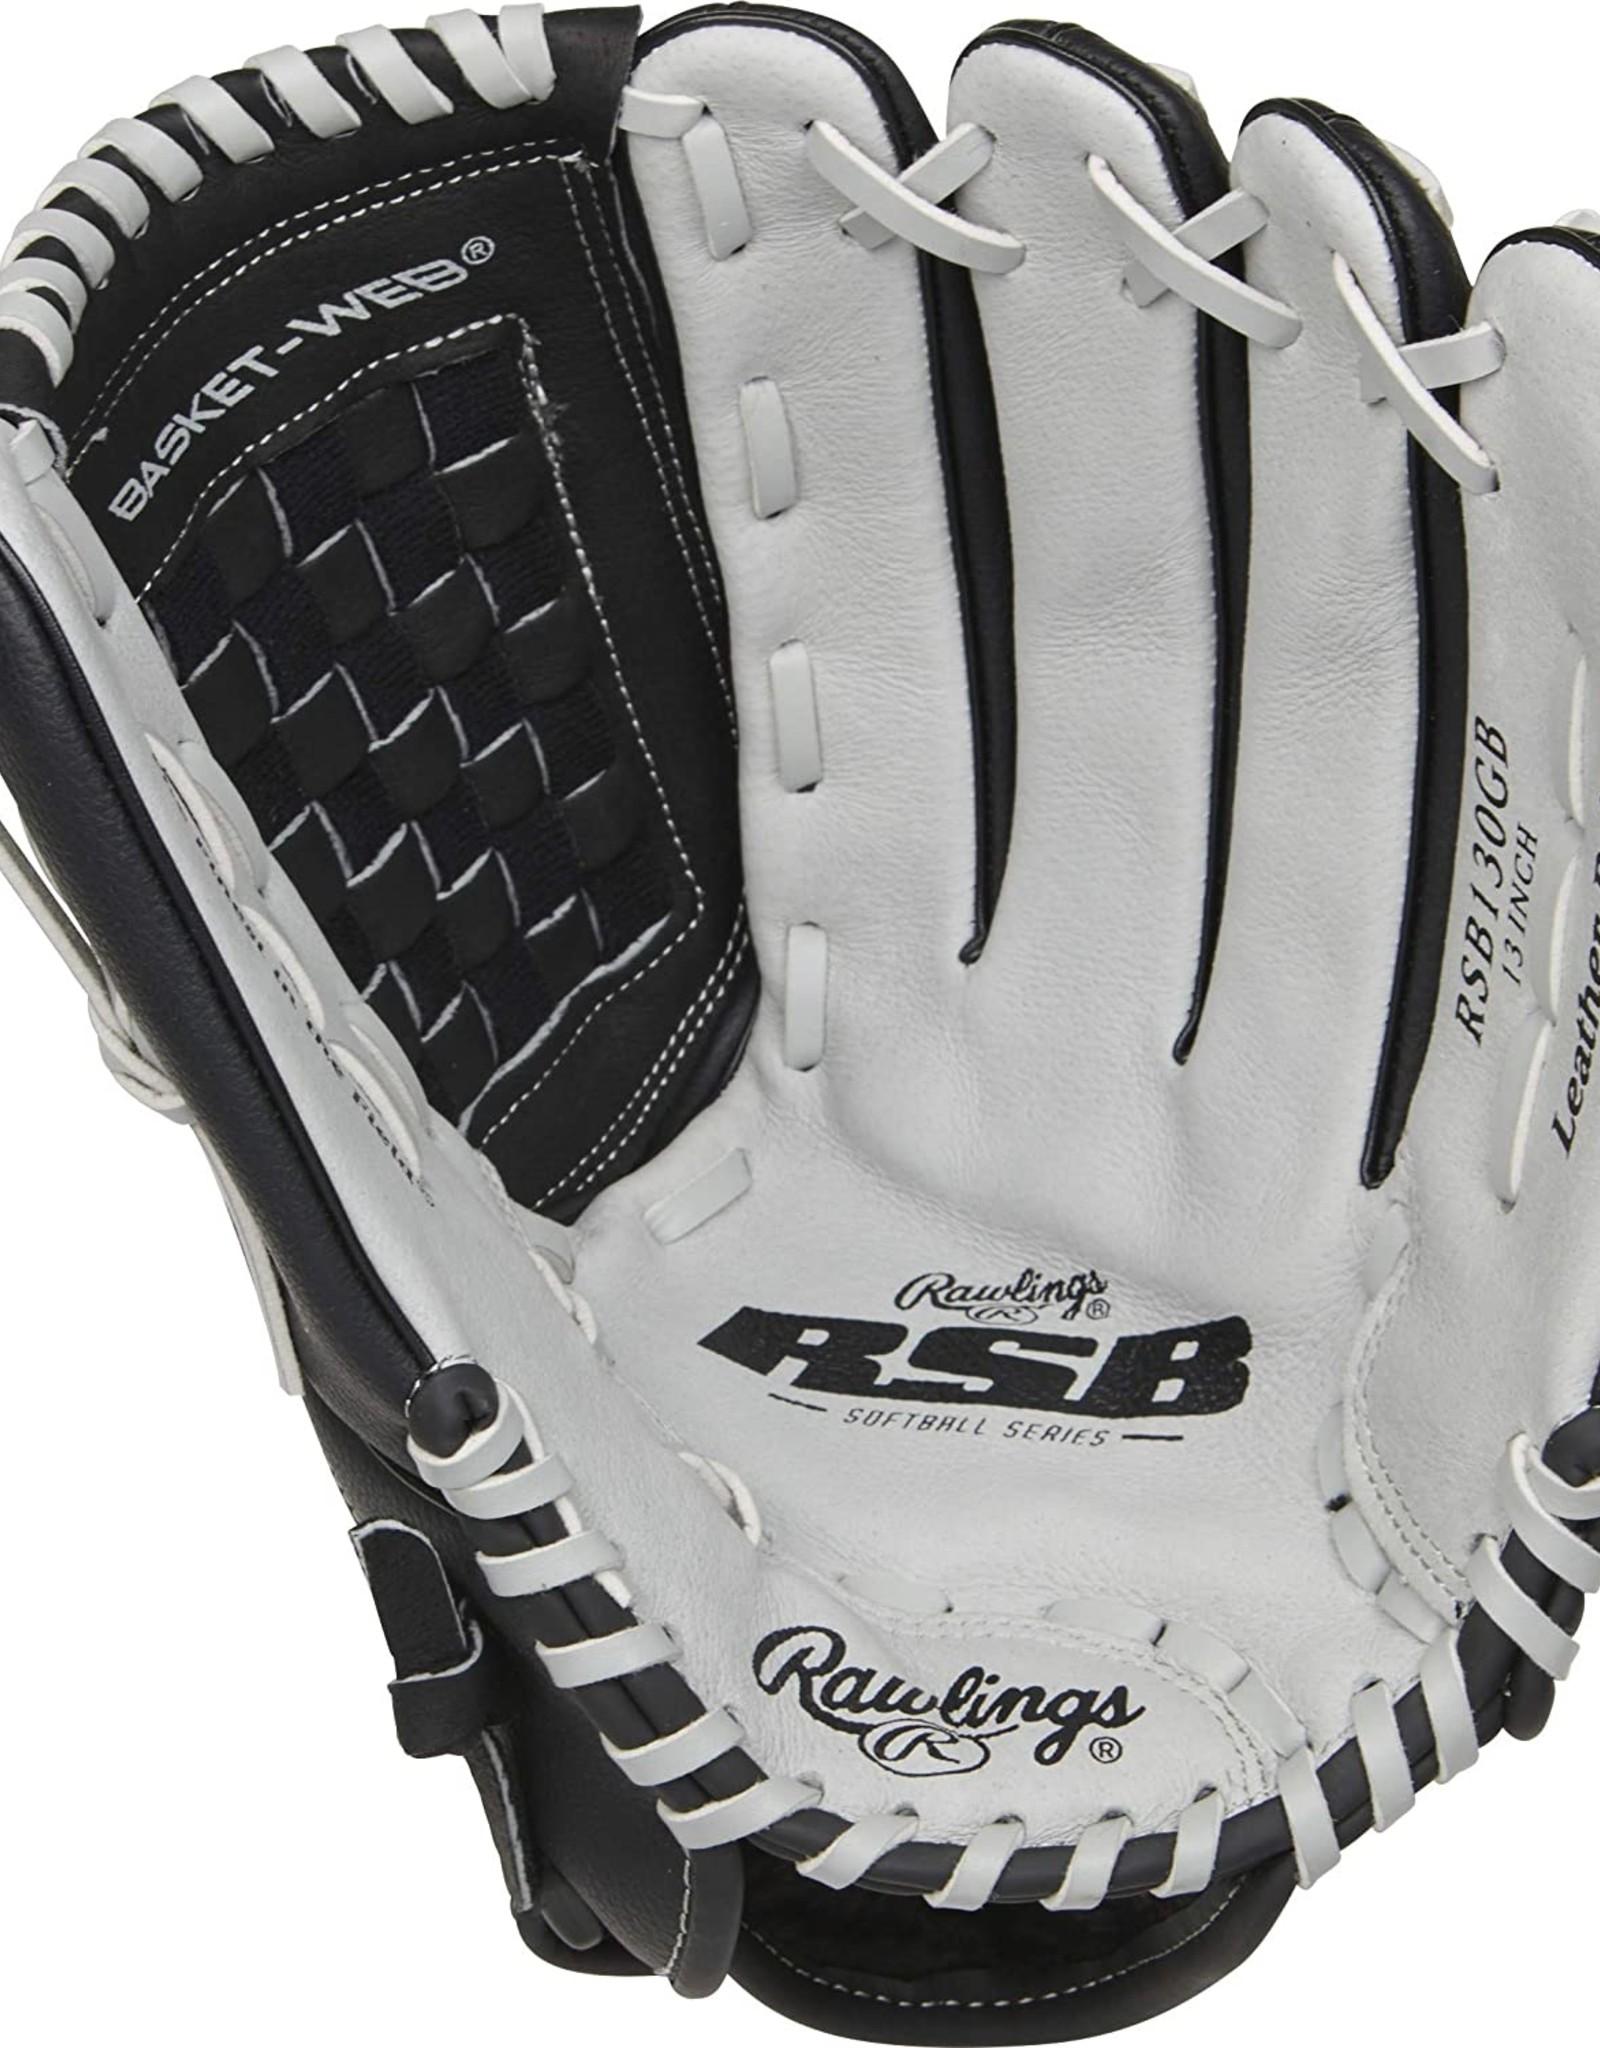 """Rawlings Rawlings Softball Series 13"""" BB/SB, Neo Flex/H Web-REG"""